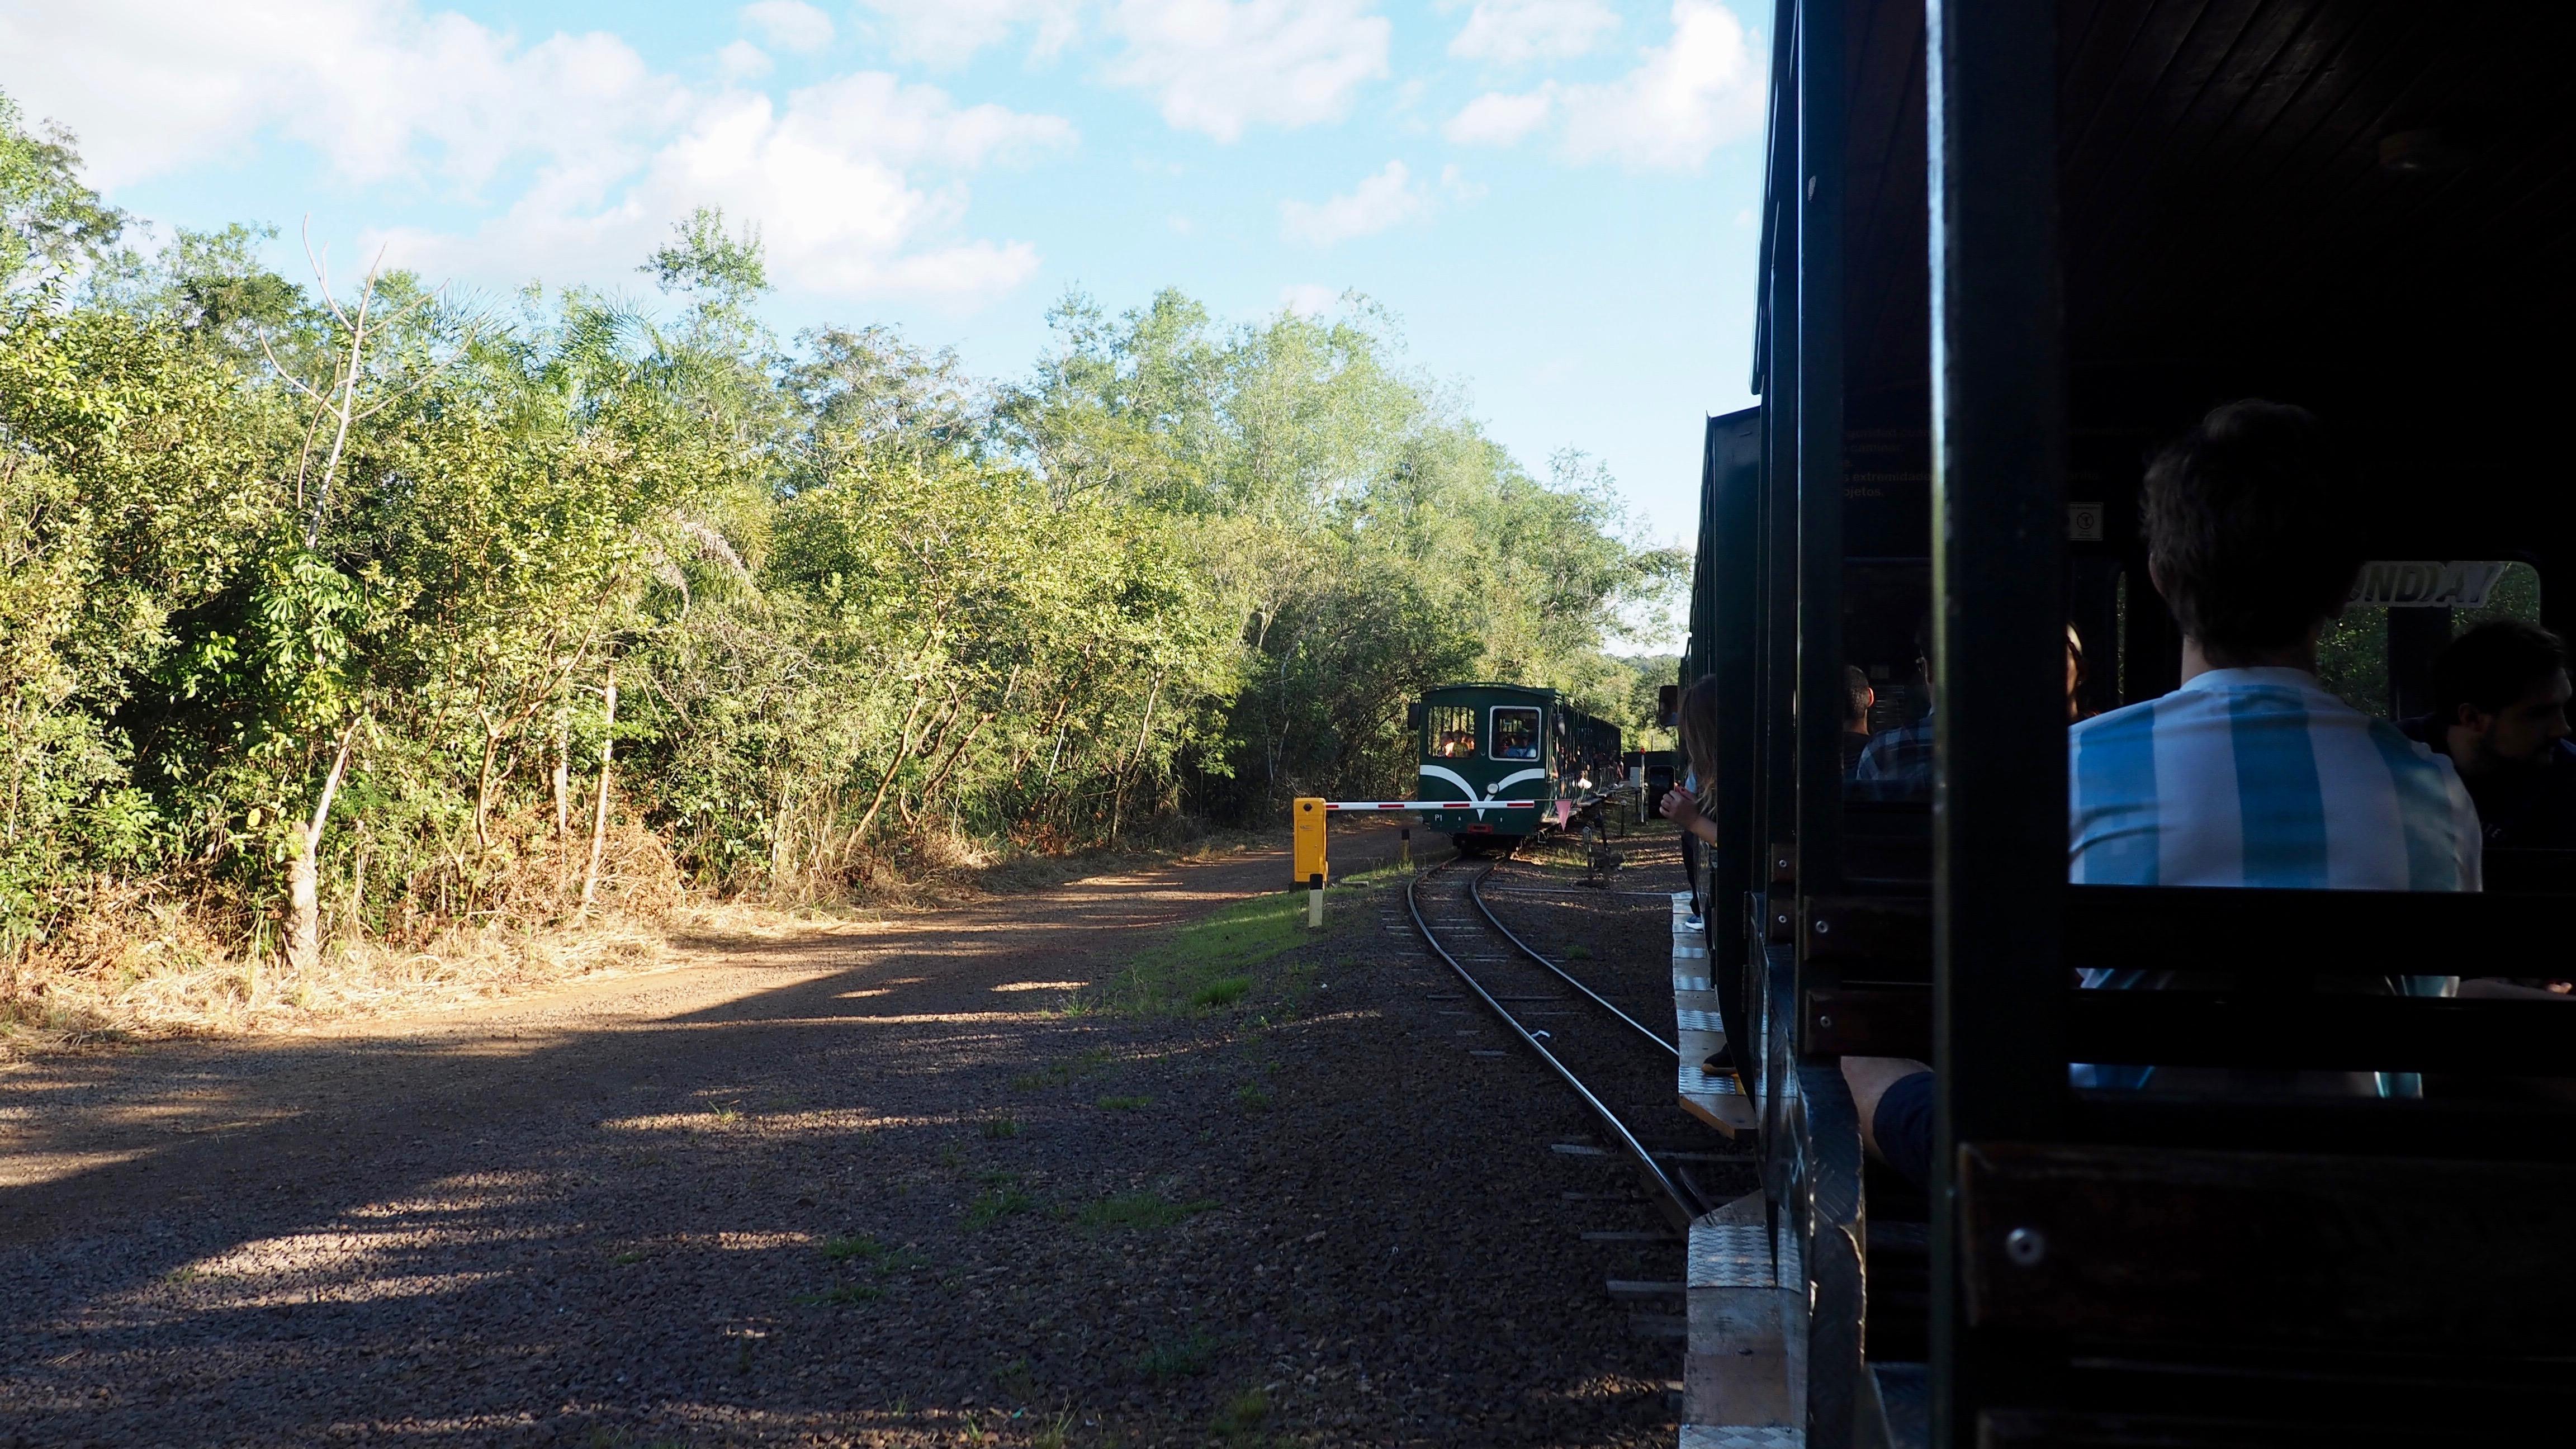 Tren para visitar el lado argentino Cataratas de Iguazú